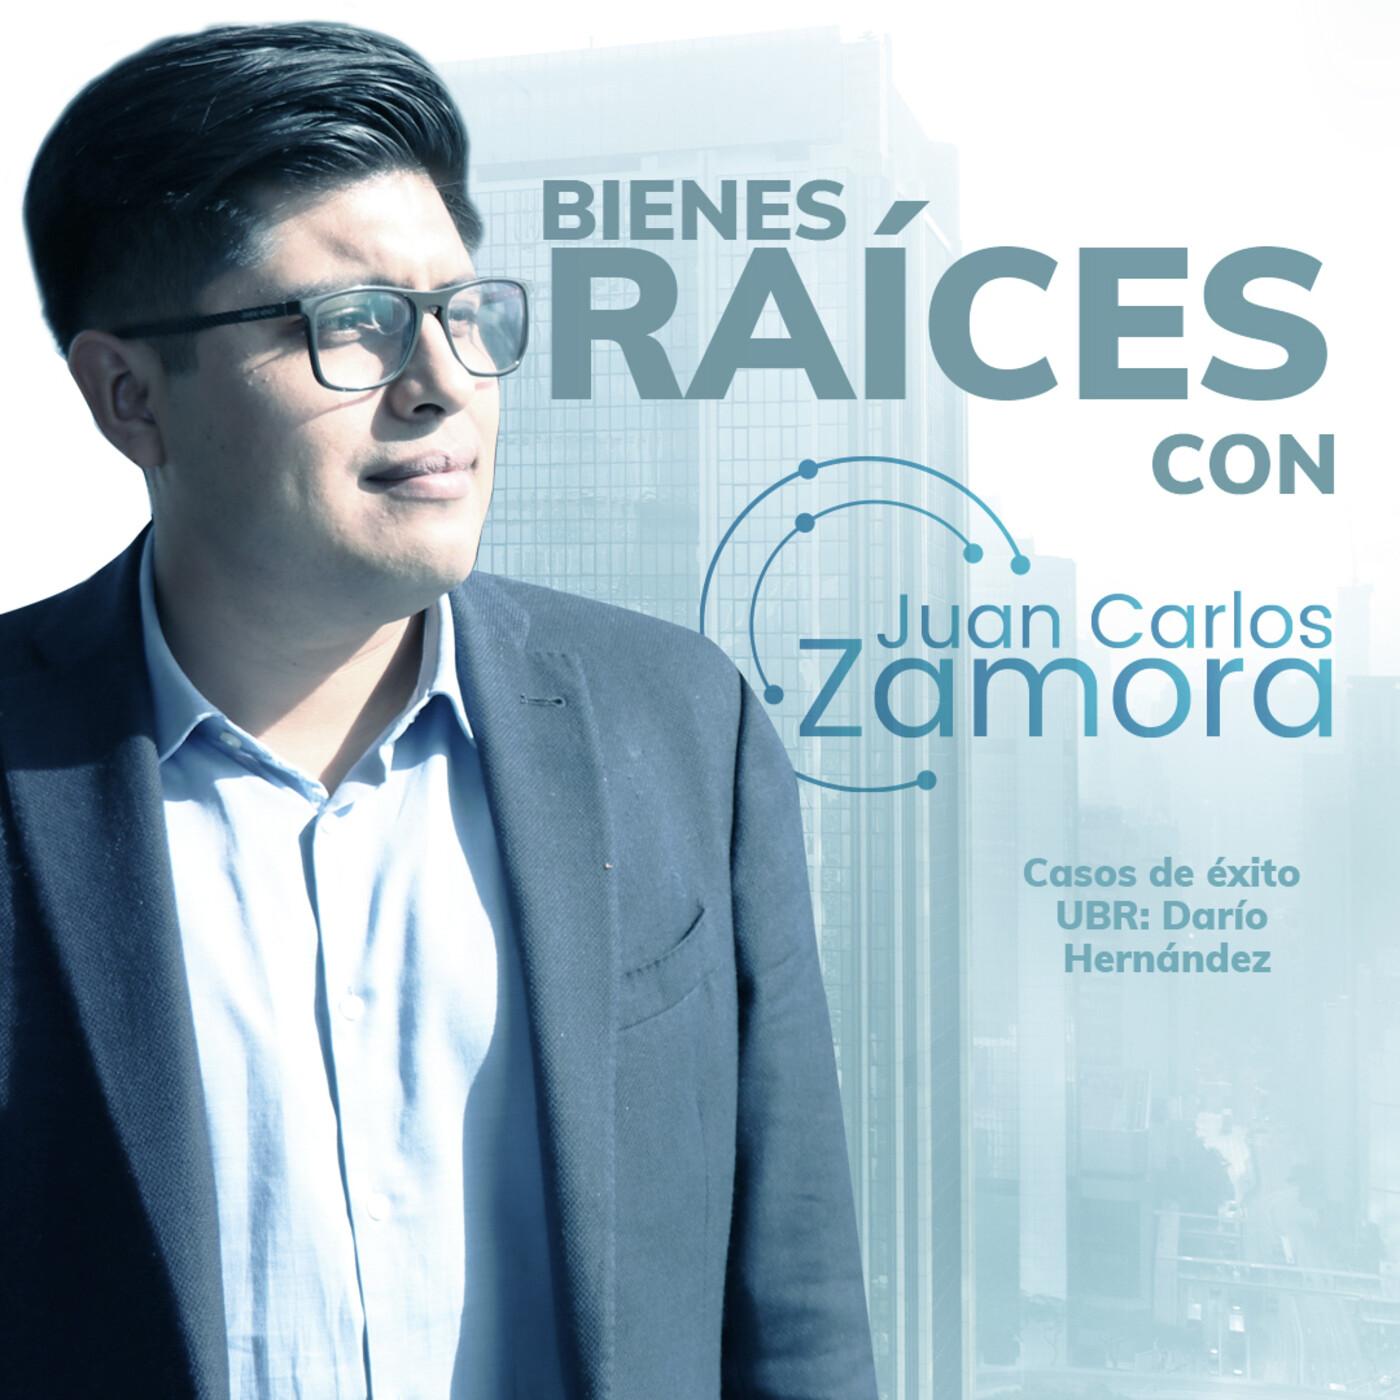 Casos de éxito UBR: Darío Hernández